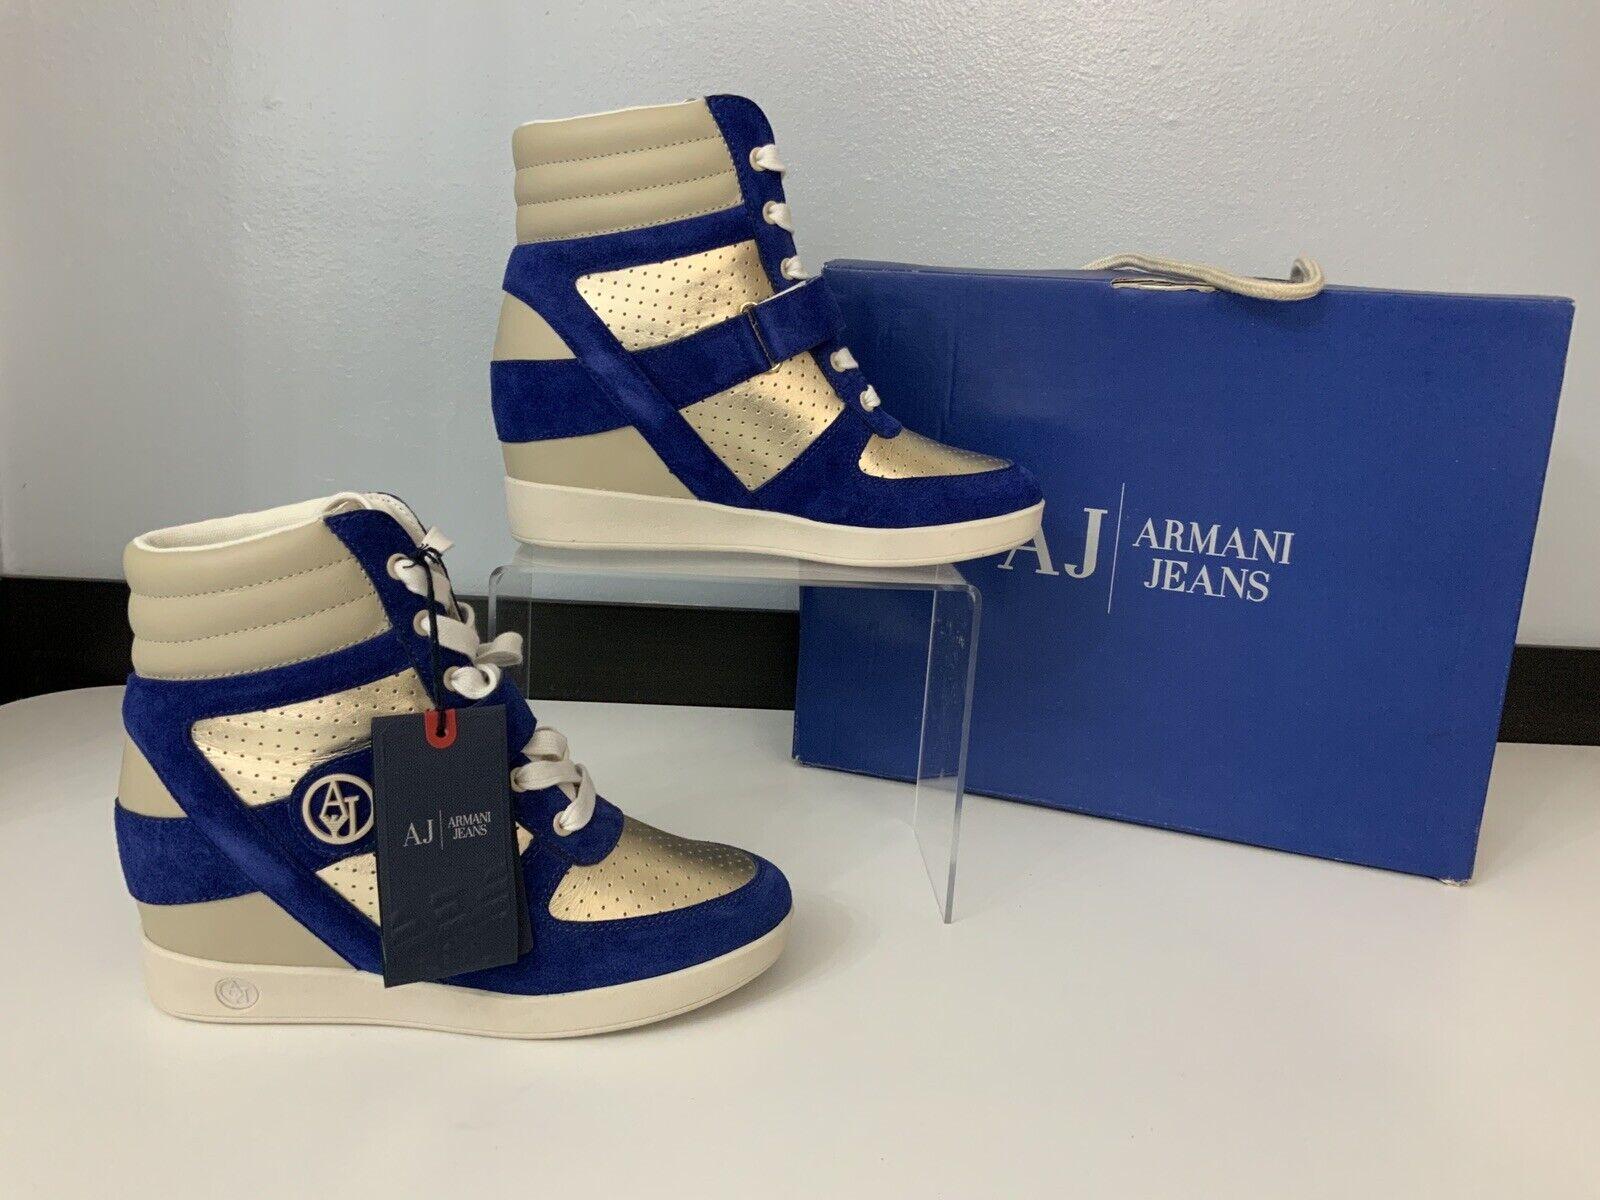 Armani Jeans Nuevo Azul Gamuza oro Hi Top botas Reino Unido 6 Nuevos Y En Caja Zapatillas